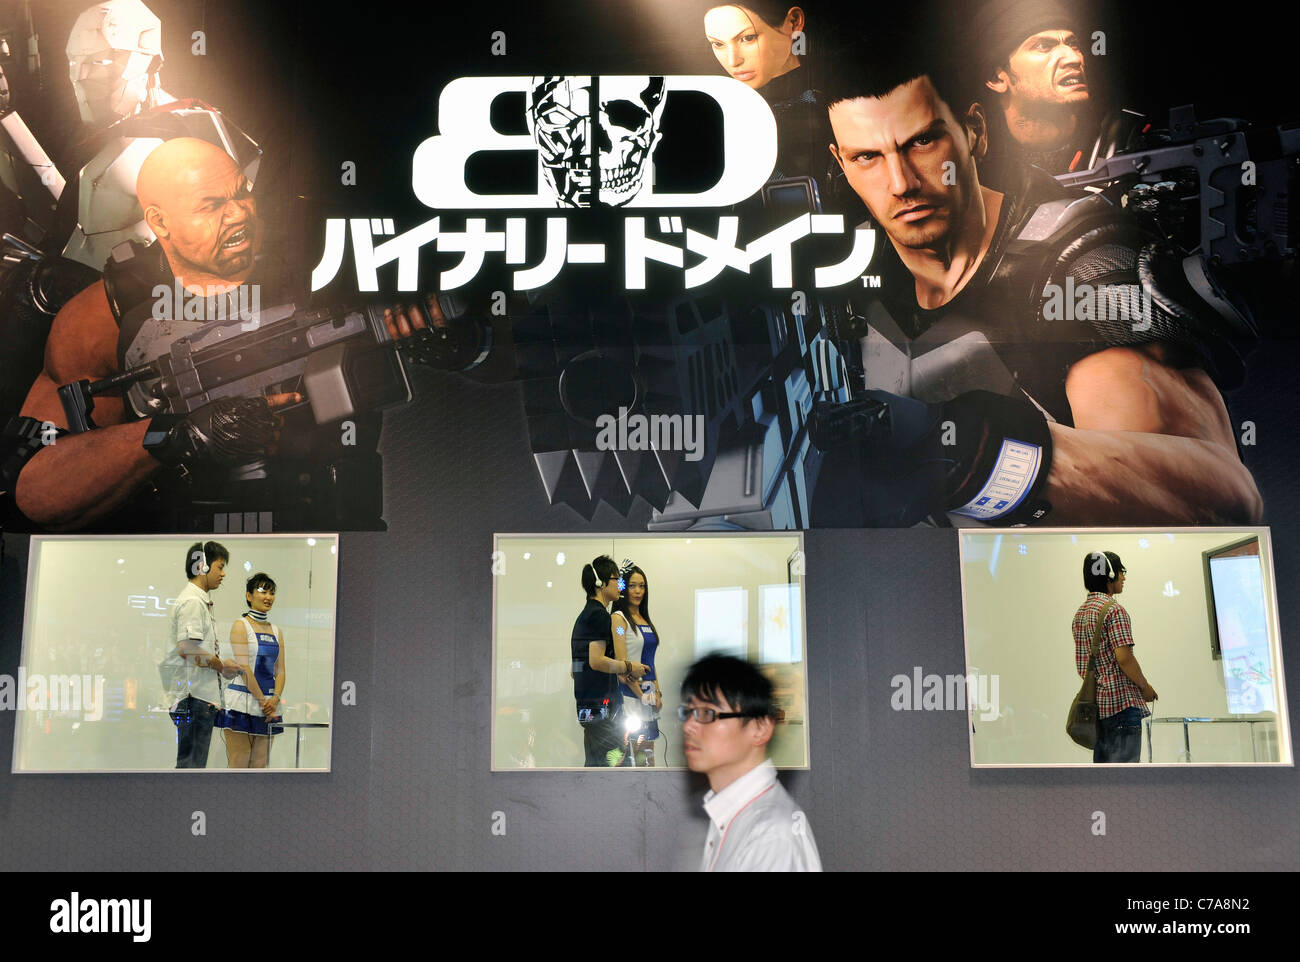 Ein Besucher geht vorbei an einem Stand für Segas Binary Domain-Shooter-Spiel am ersten Werktag der Tokyo Game Stockbild